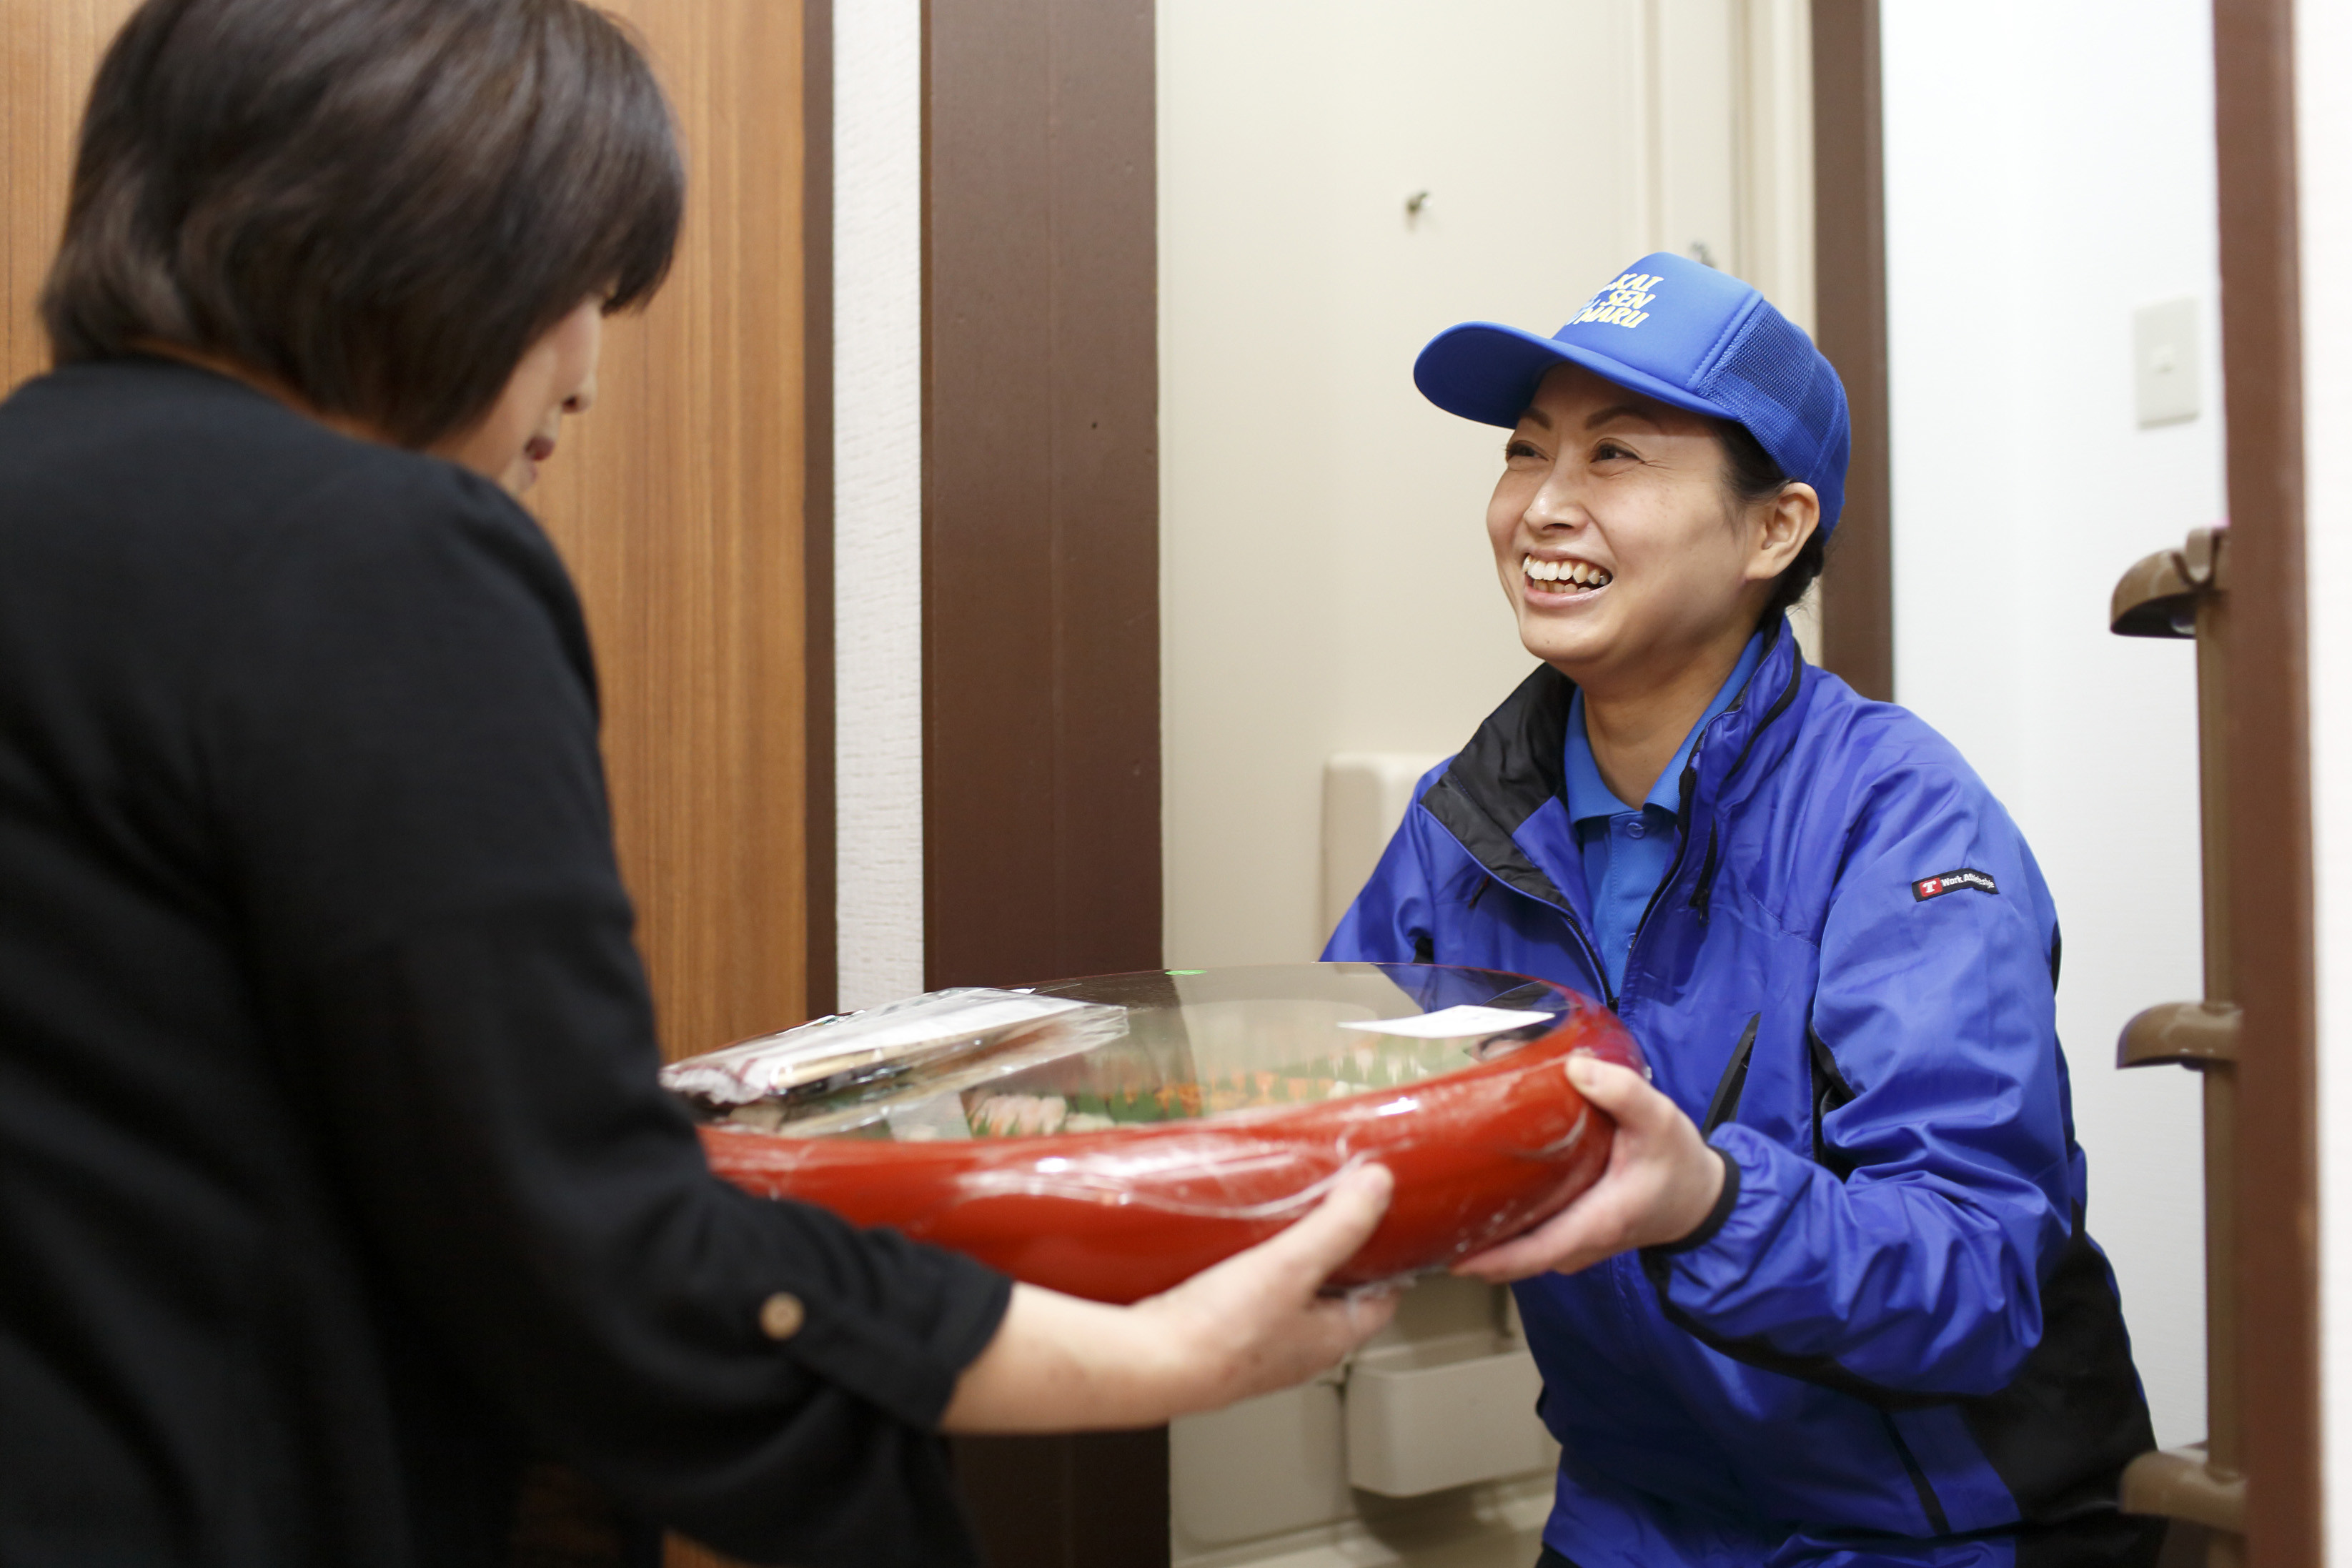 札幌海鮮丸 塩釜店 デリバリー(配達)スタッフのアルバイト情報